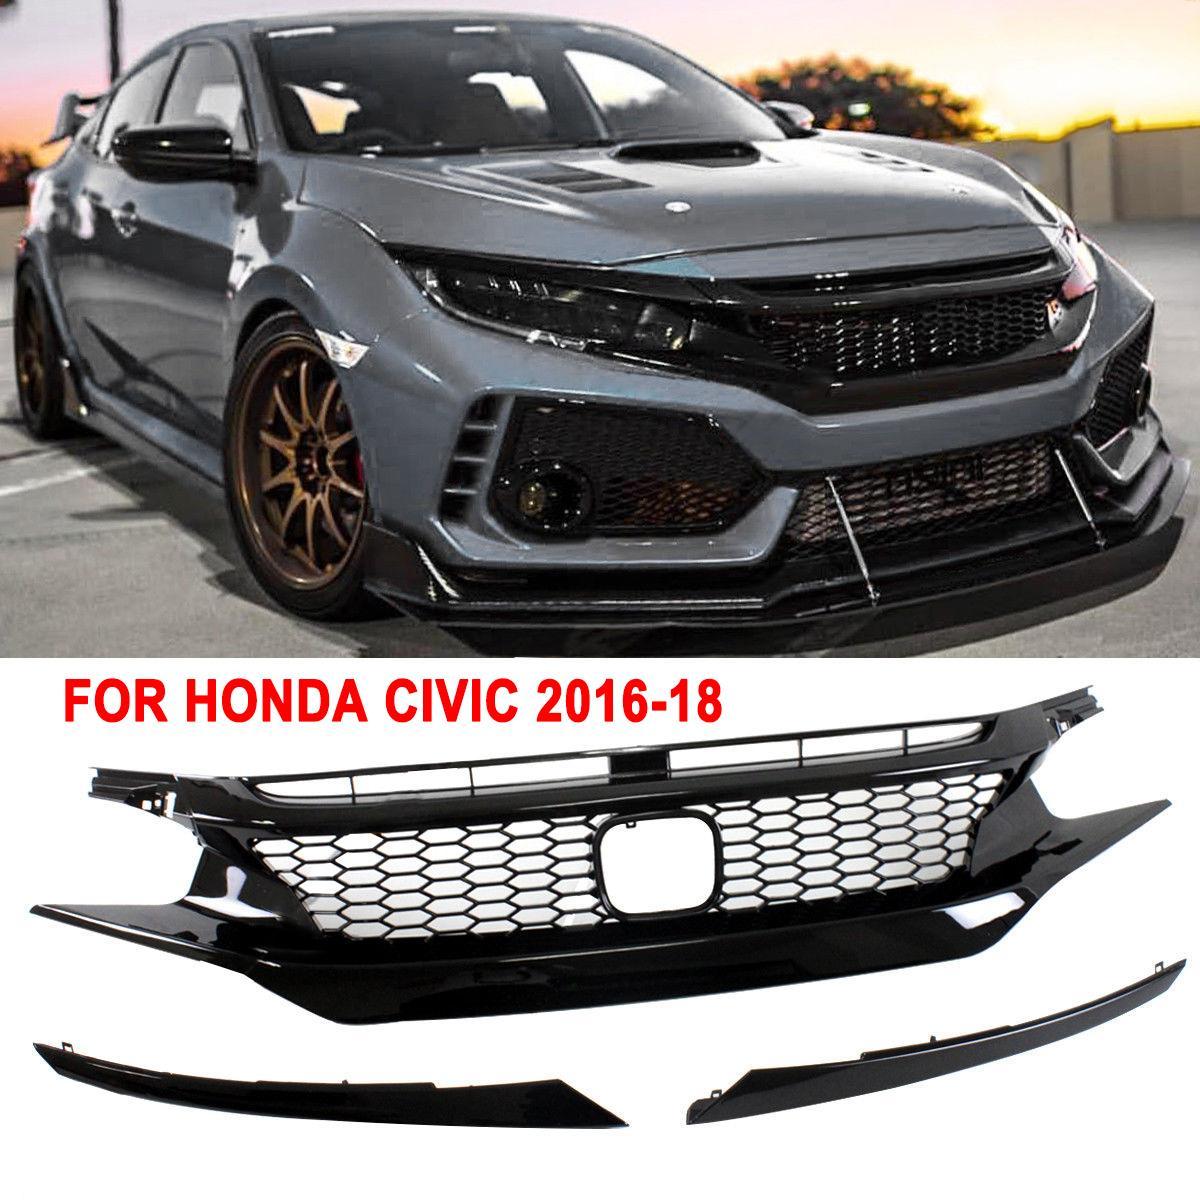 Nuova Parte di Ricambio Per Honda Civic 2016 2017 2018 2019 10th Gen JDM-CTR Stile Lucido Nero Anteriore Della Maglia Cappuccio griglia